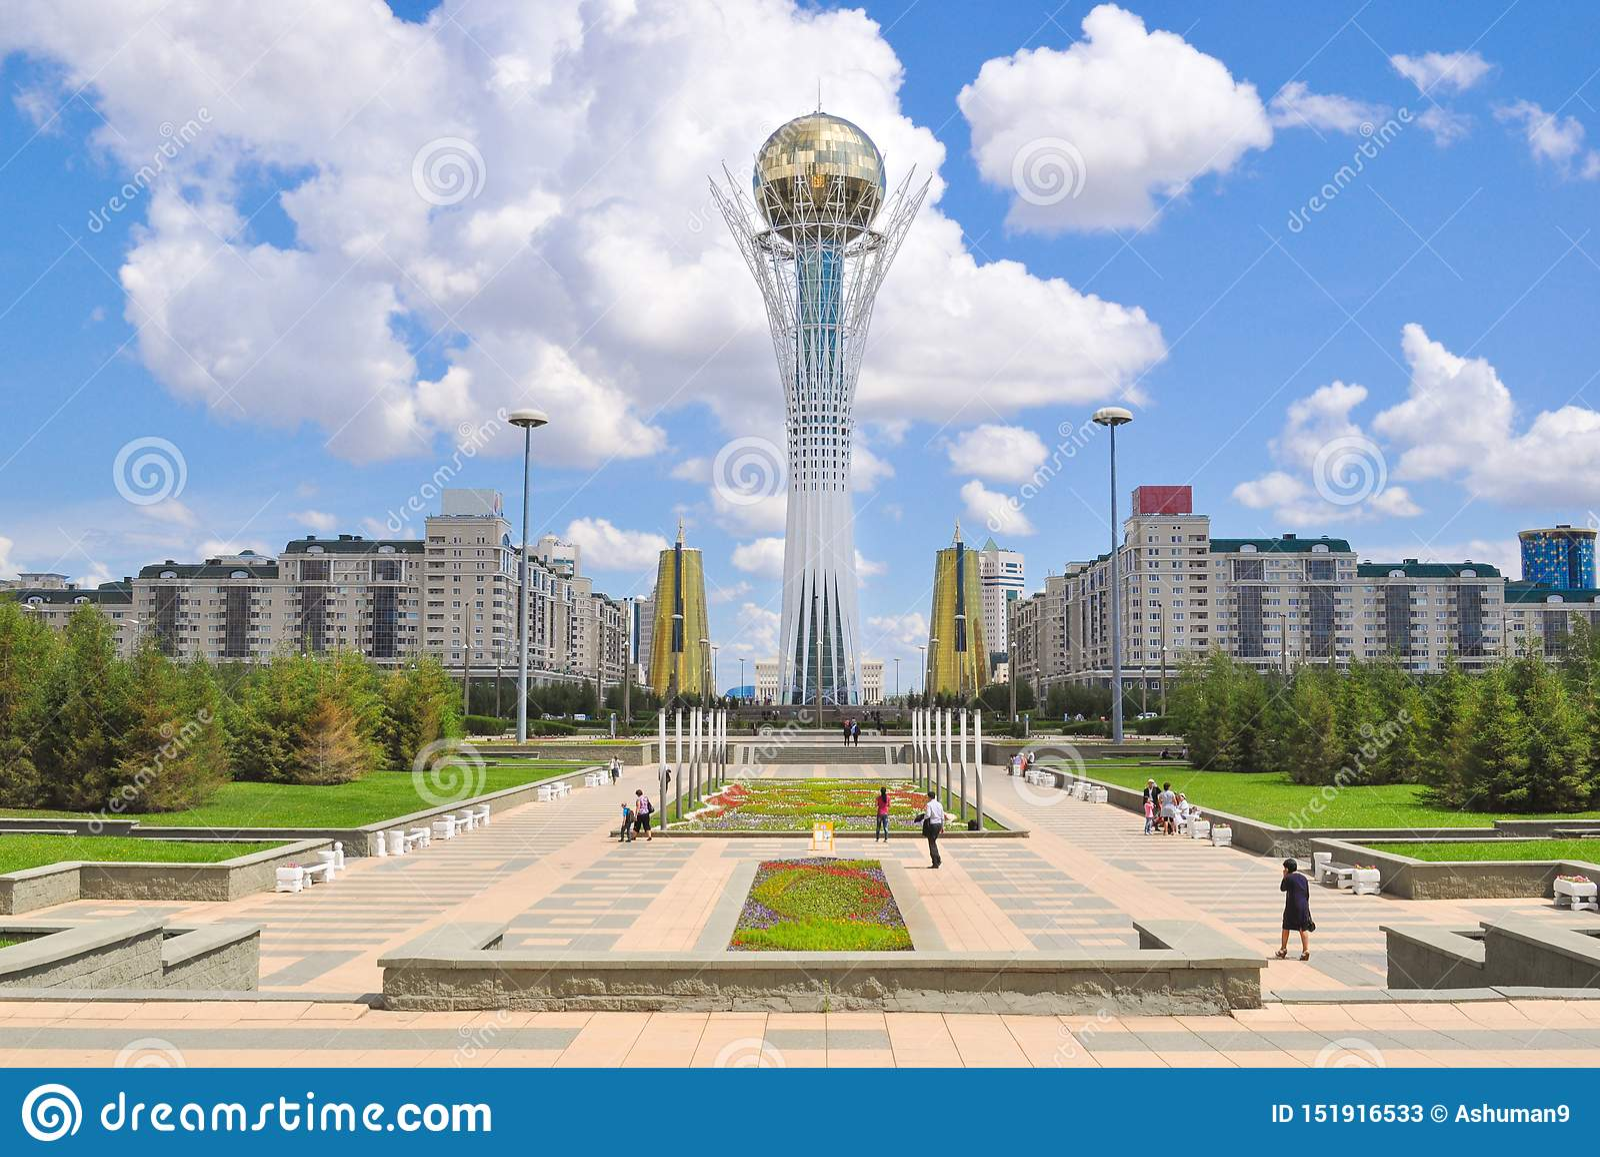 Capitale de Kazakhstan Nursultan